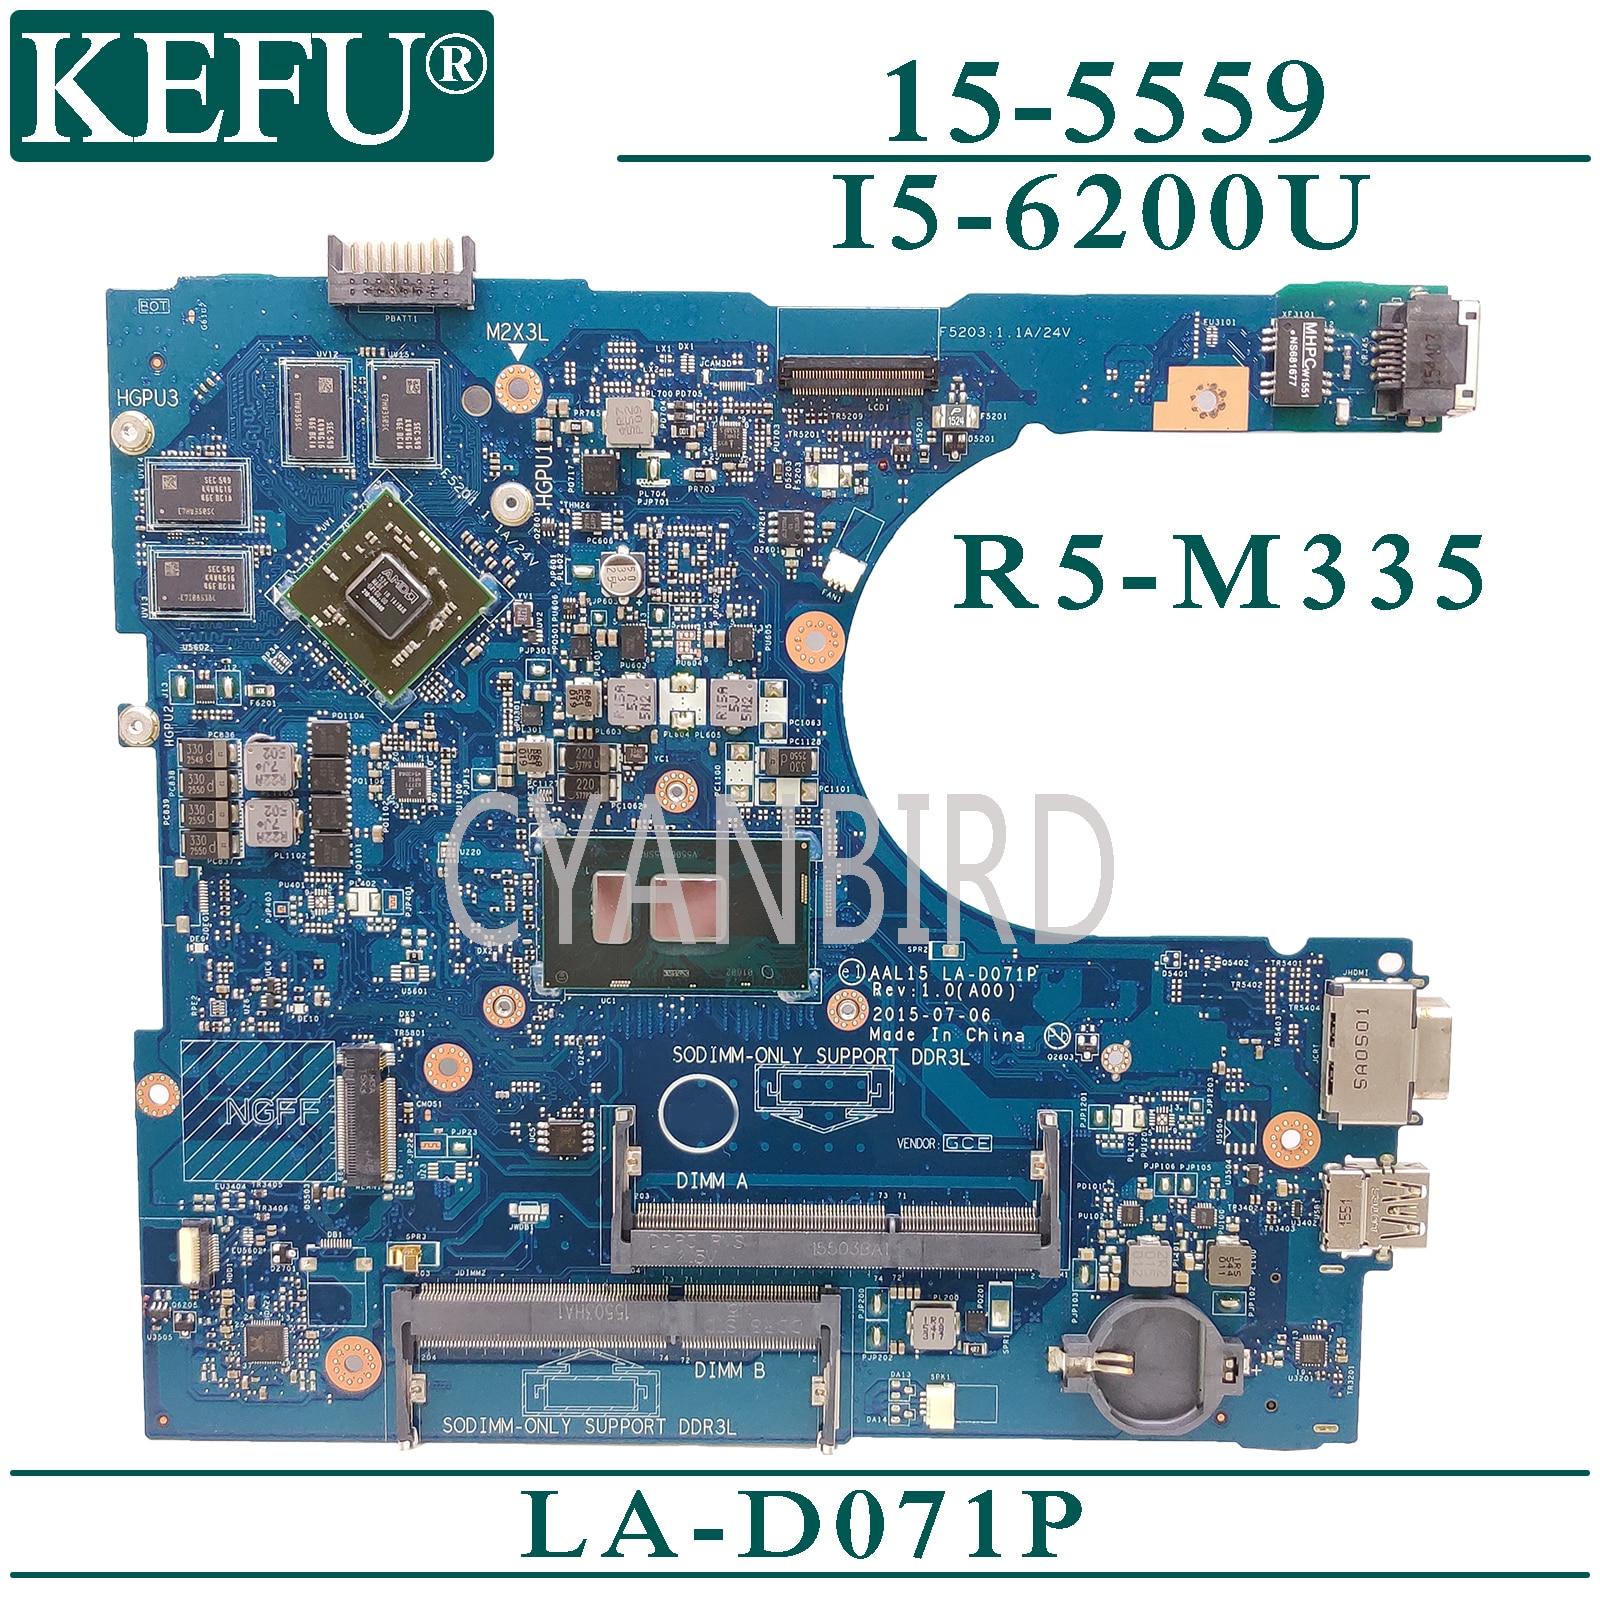 KEFU AAL15 LA-D071P اللوحة الرئيسية الأصلية لديل انسبايرون 15-5559 مع I5-6200U اللوحة الأم للكمبيوتر المحمول R5-M335